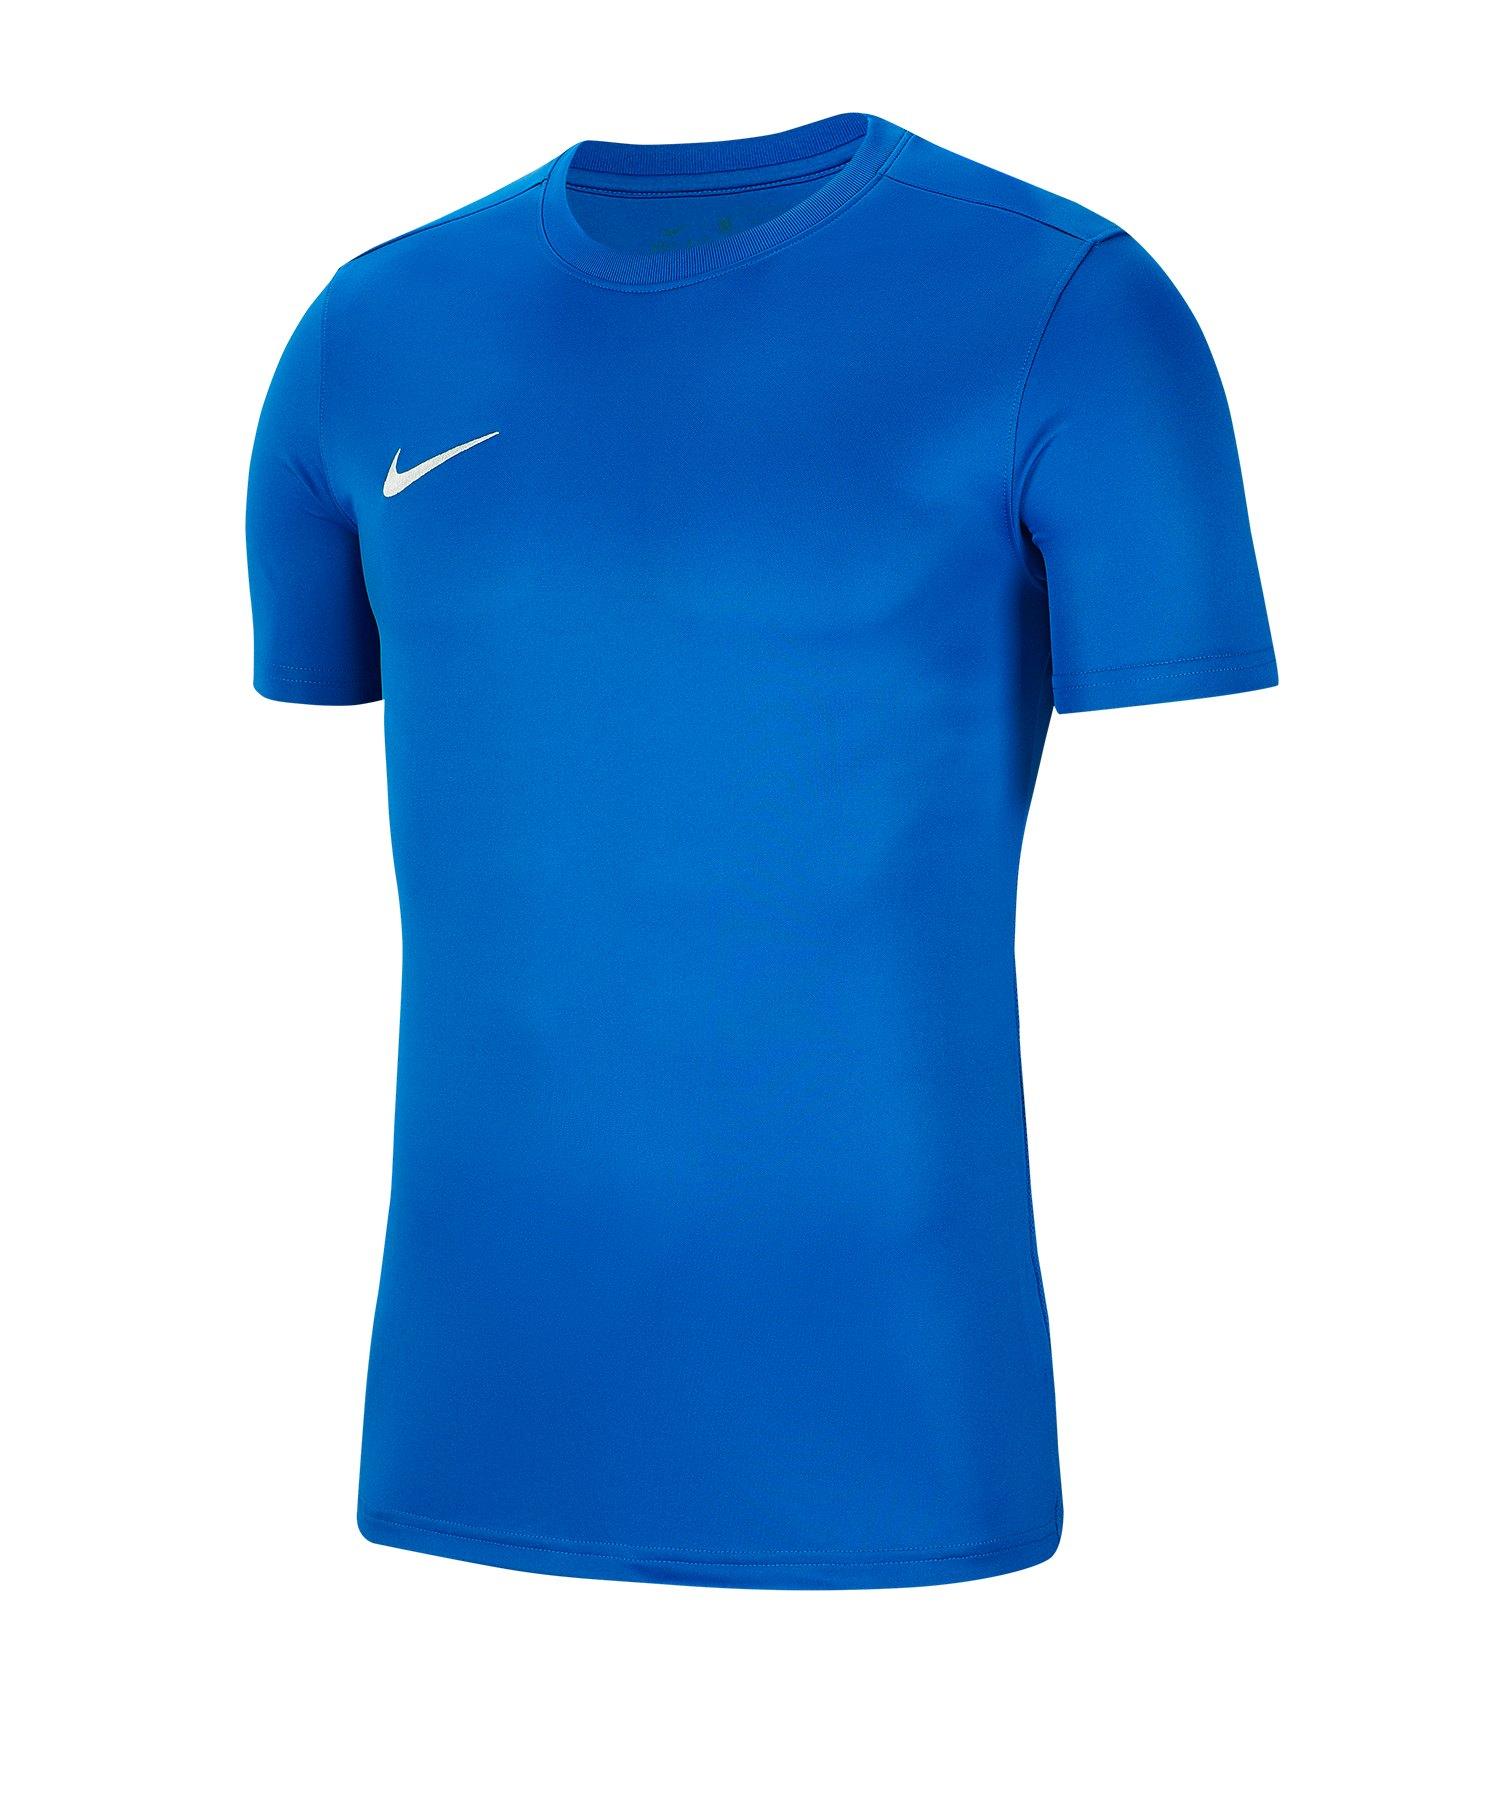 Nike Park VII Trikot kurzarm Blau F463 - blau